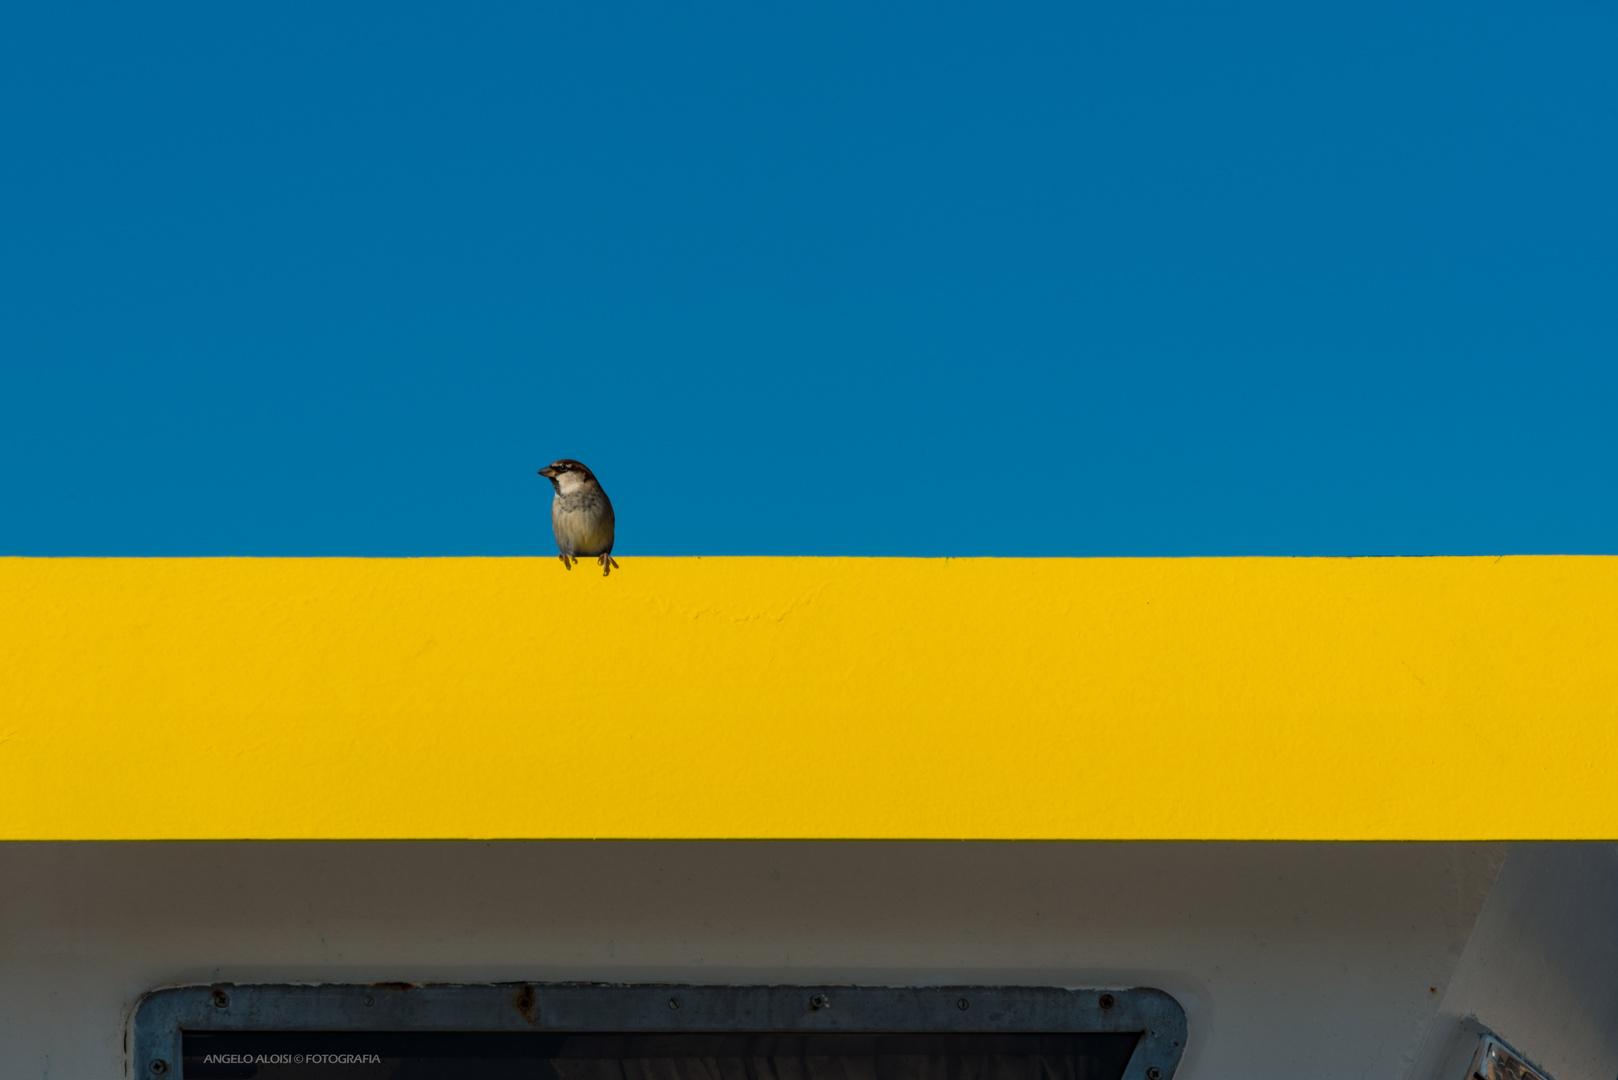 Il comandante del peschereccio giallo